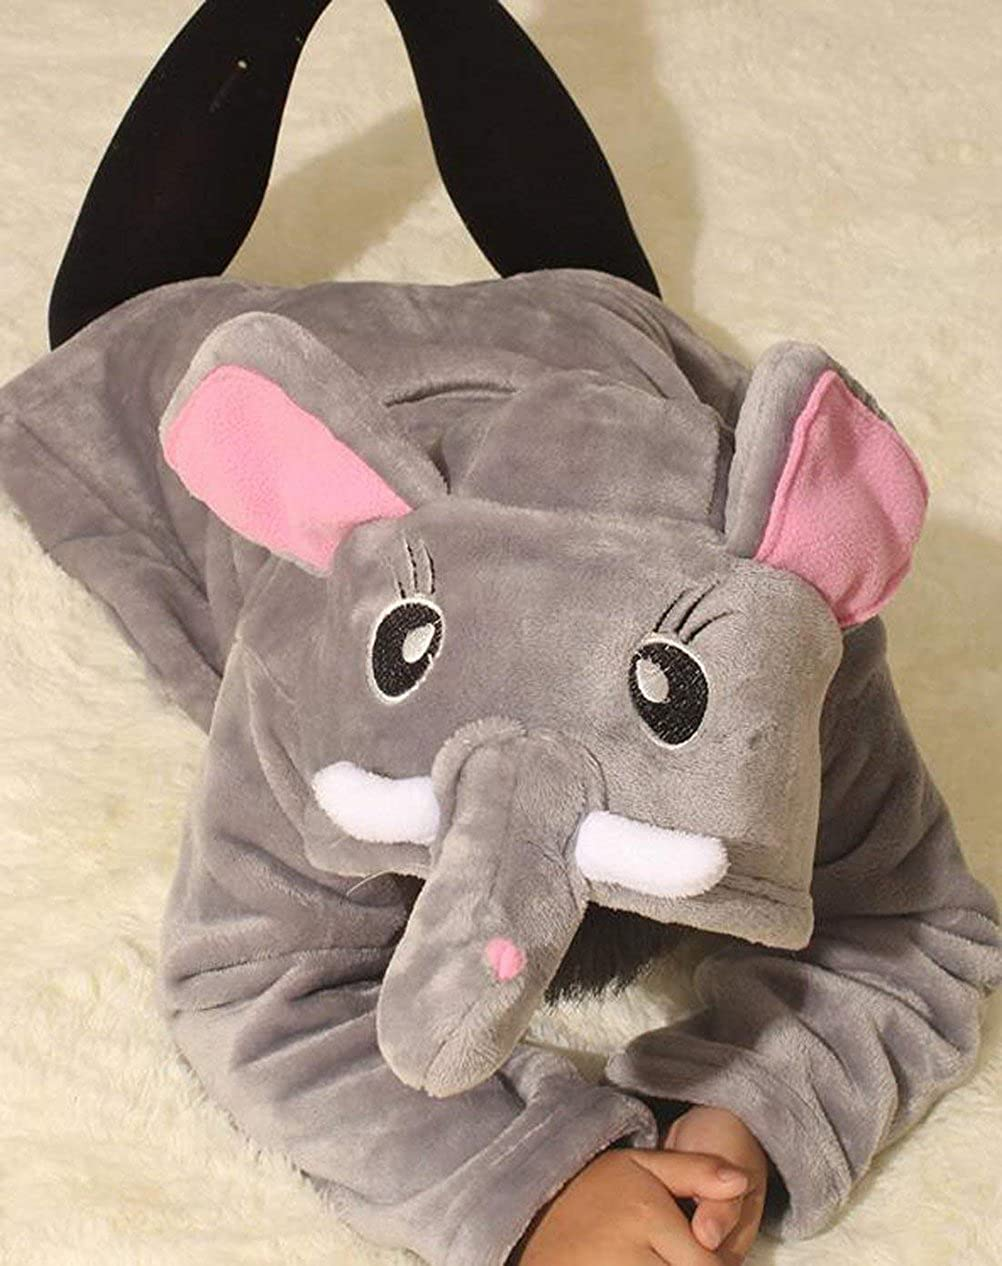 Boys Girls Bathrobes,Toddler Kids Hooded Robe,Animal Pajamas Bathrobe Sleepwear for Girls Kids